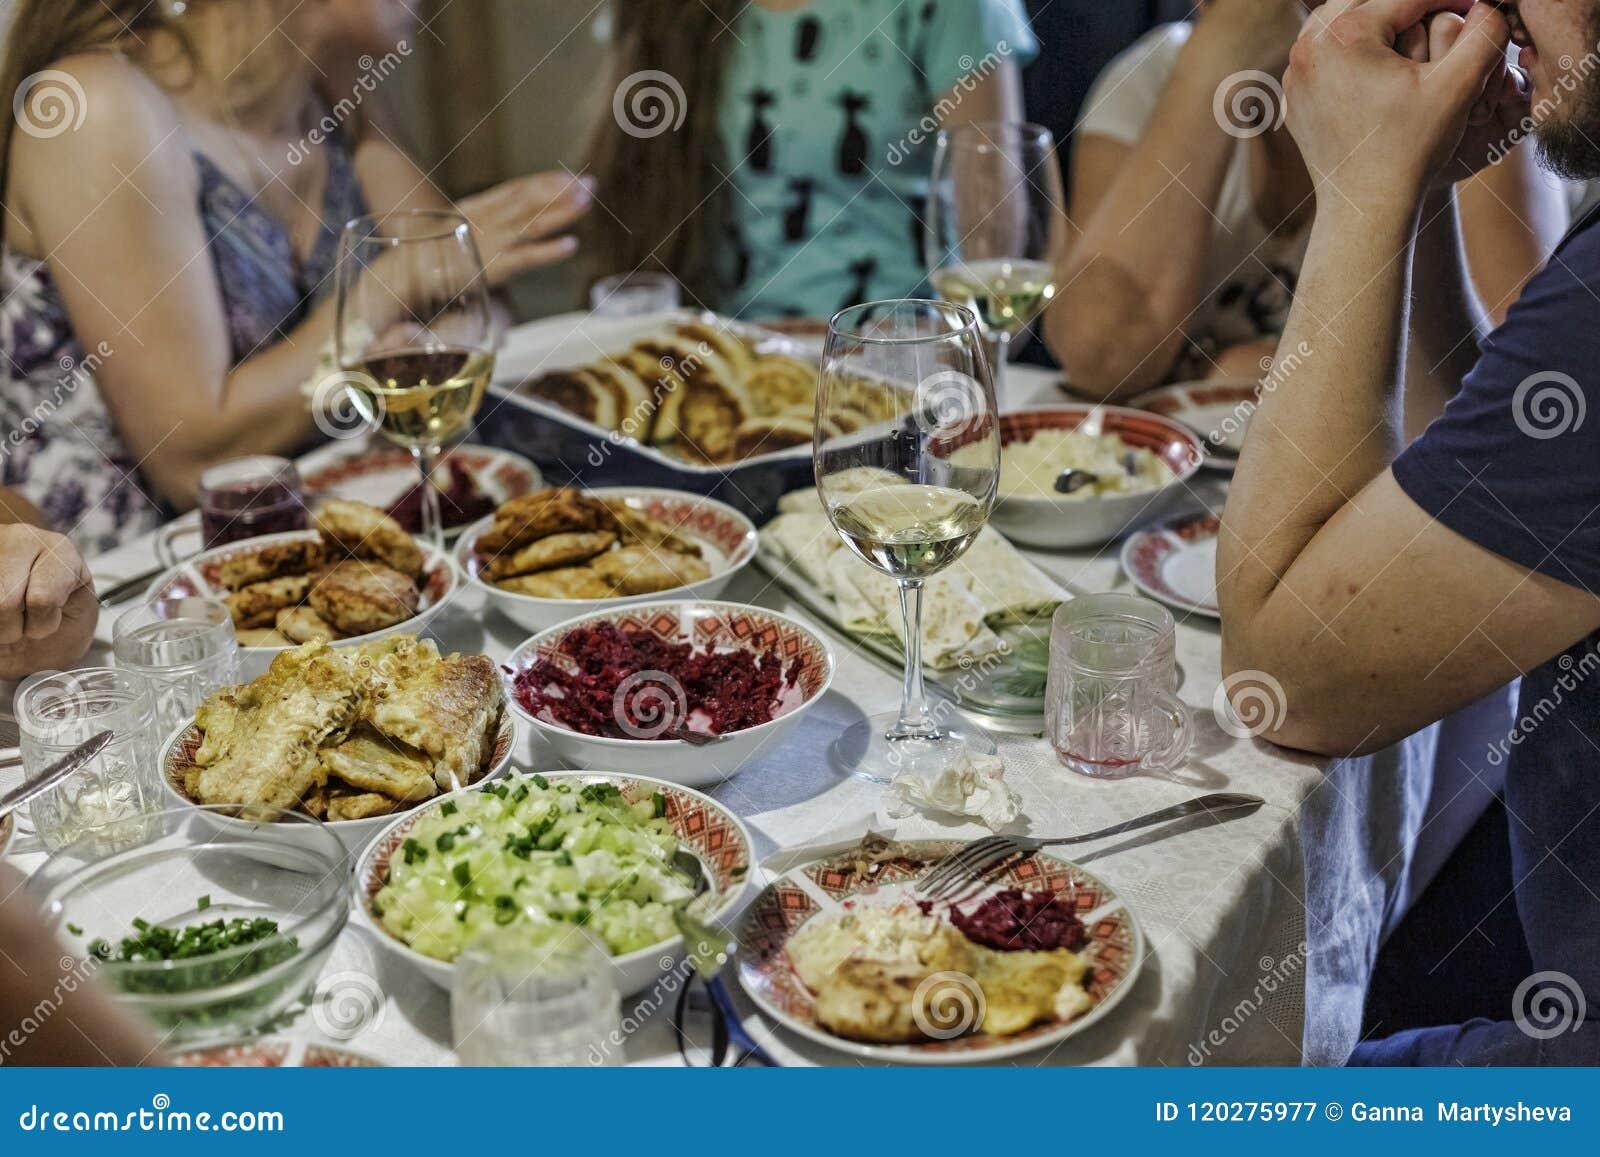 Abendessen Familie Tabelle Fest Lebensmittel Versammlung